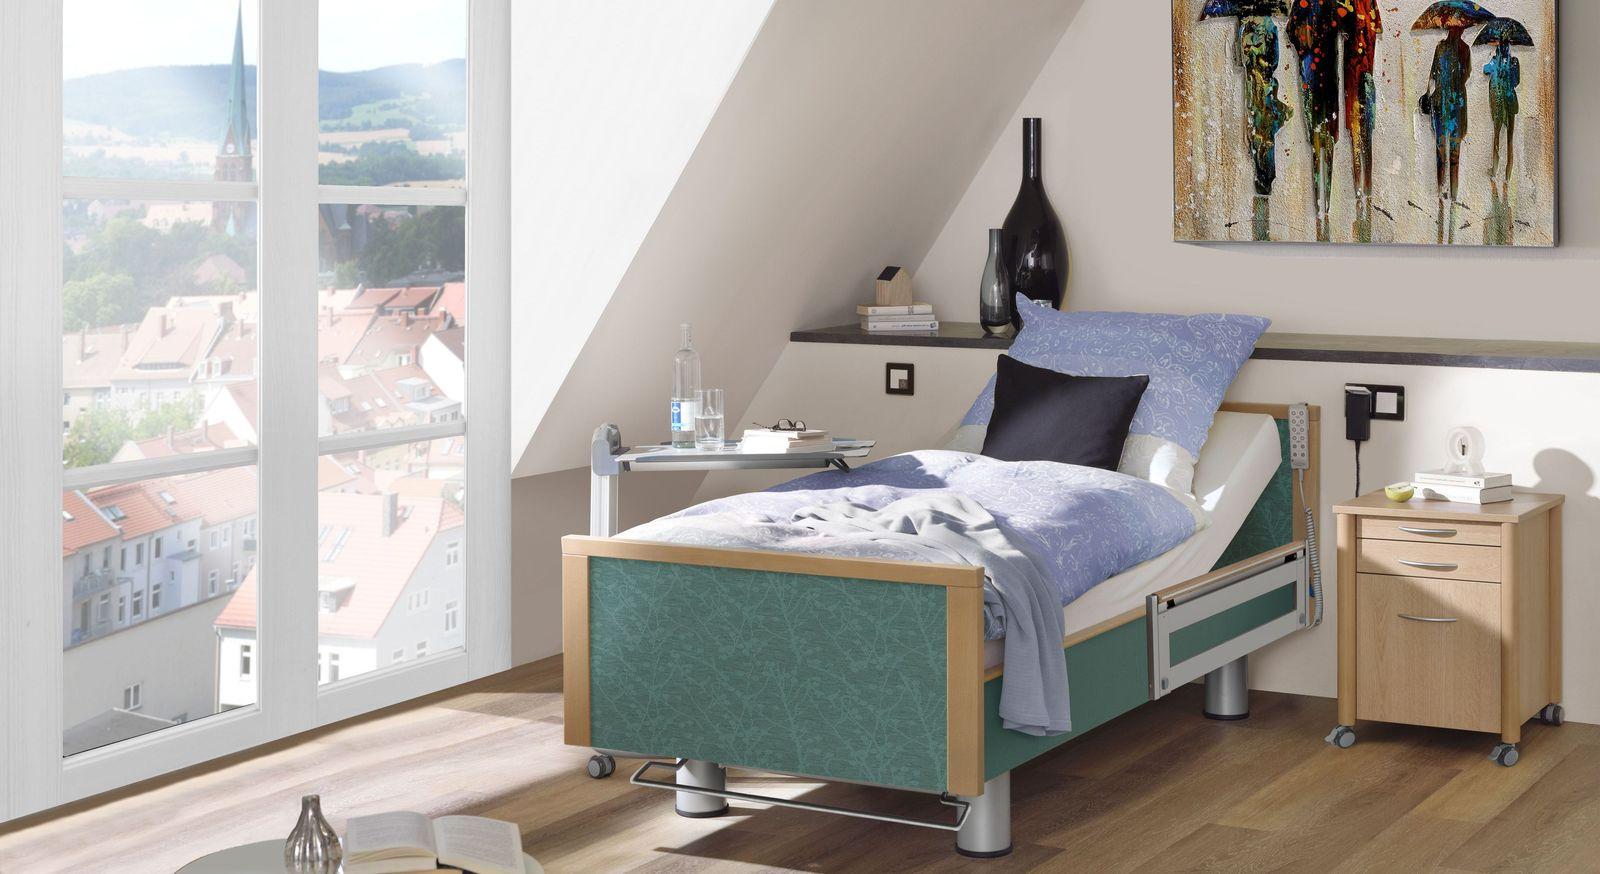 Komfortbett mit Pflegebett-Funktion Sylt mit passenden Produkte